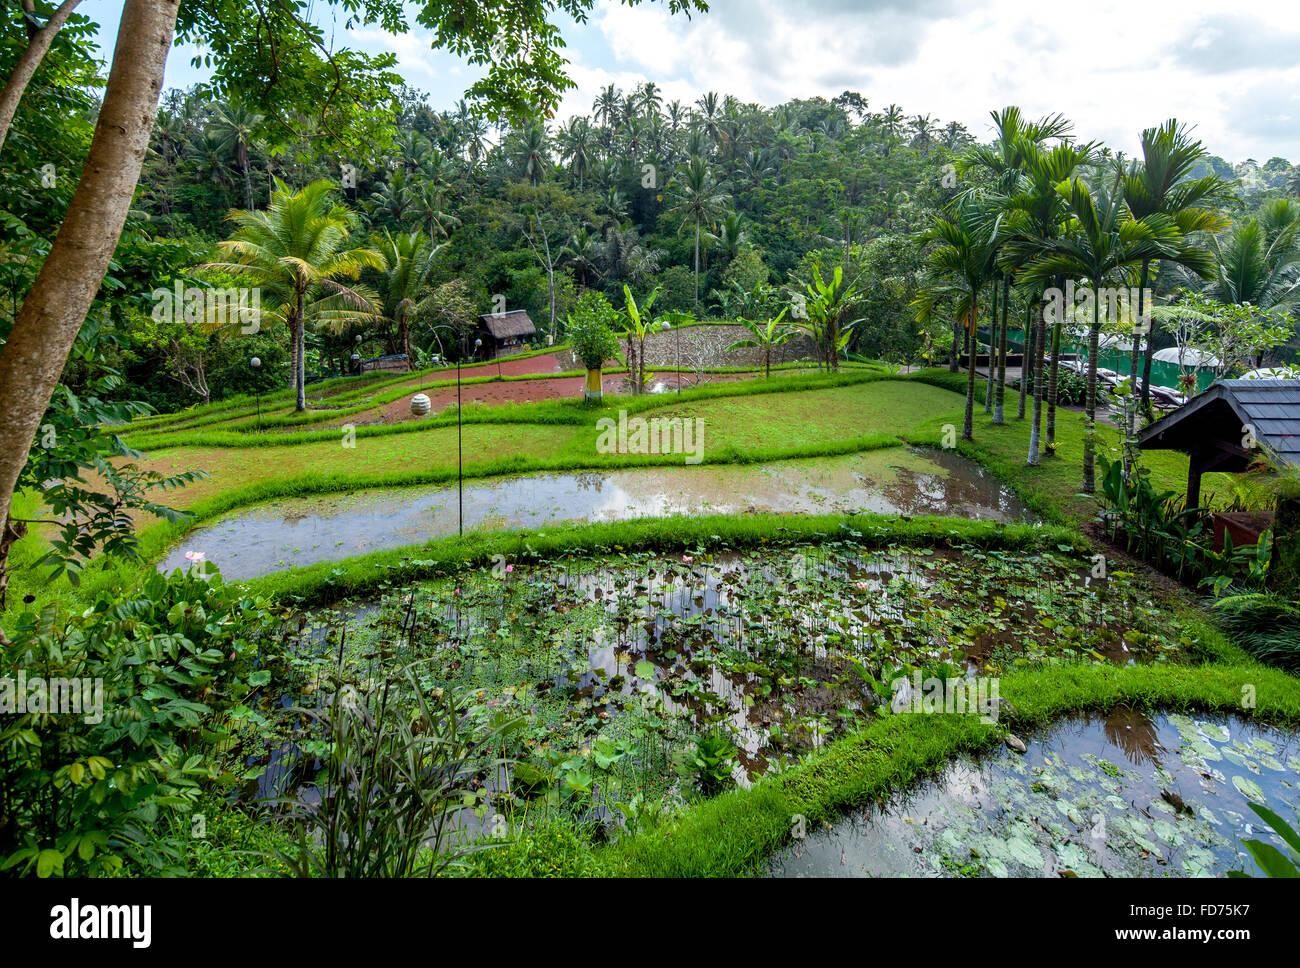 Hôtel complexe dans un bon hôtel de ville de Ubud, palmiers, surfaces de l'eau, Ubud, Bali, Indonésie, Photo Stock